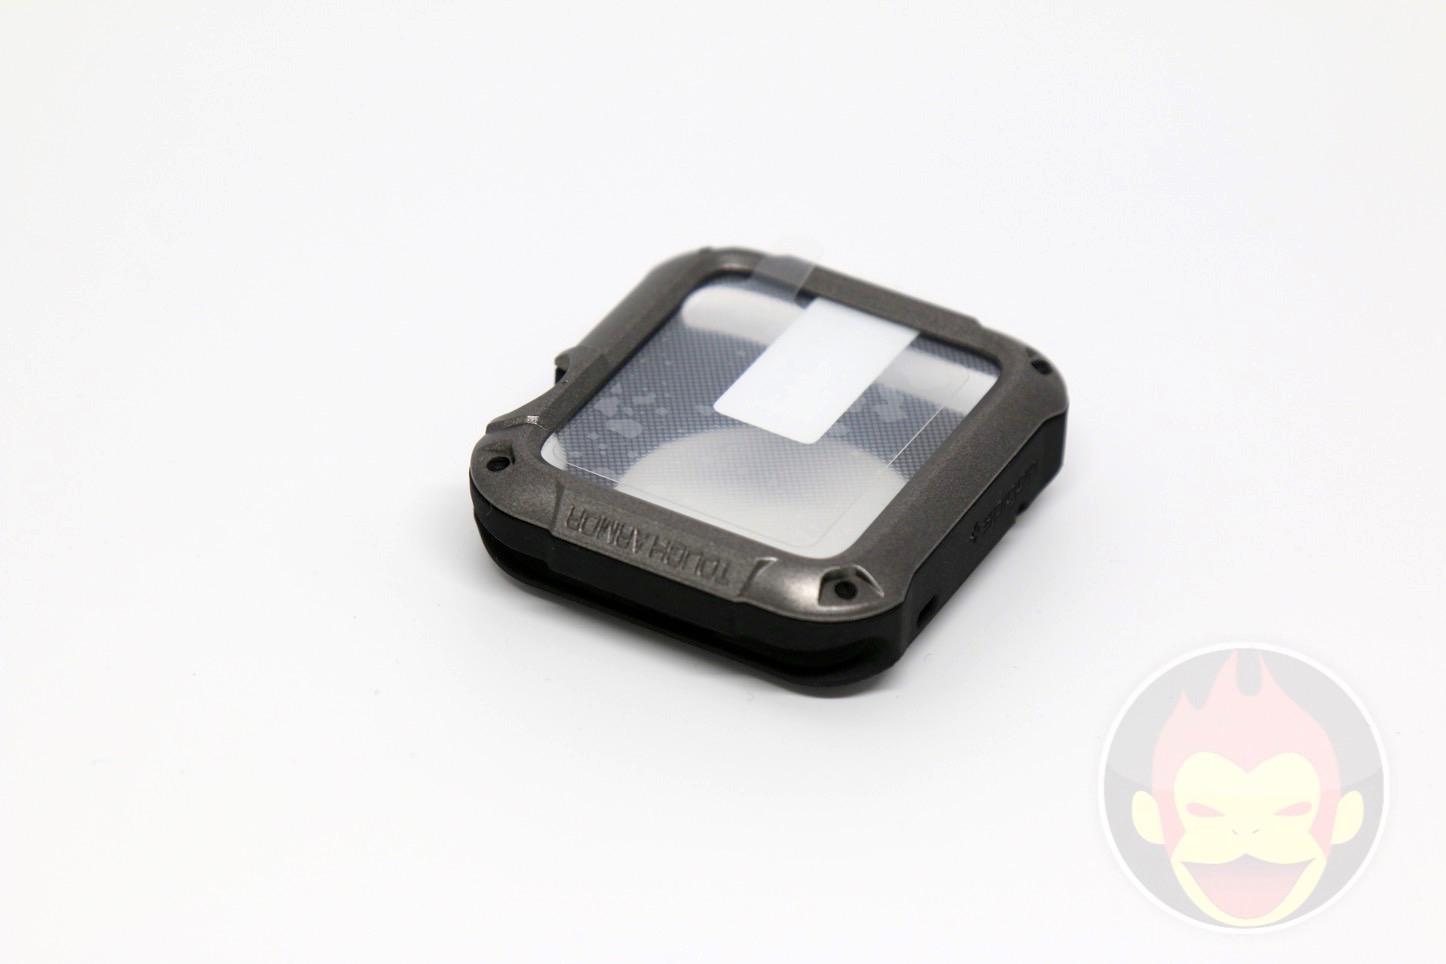 Spigen-Tough-Armour-Apple-Watch-05.JPG